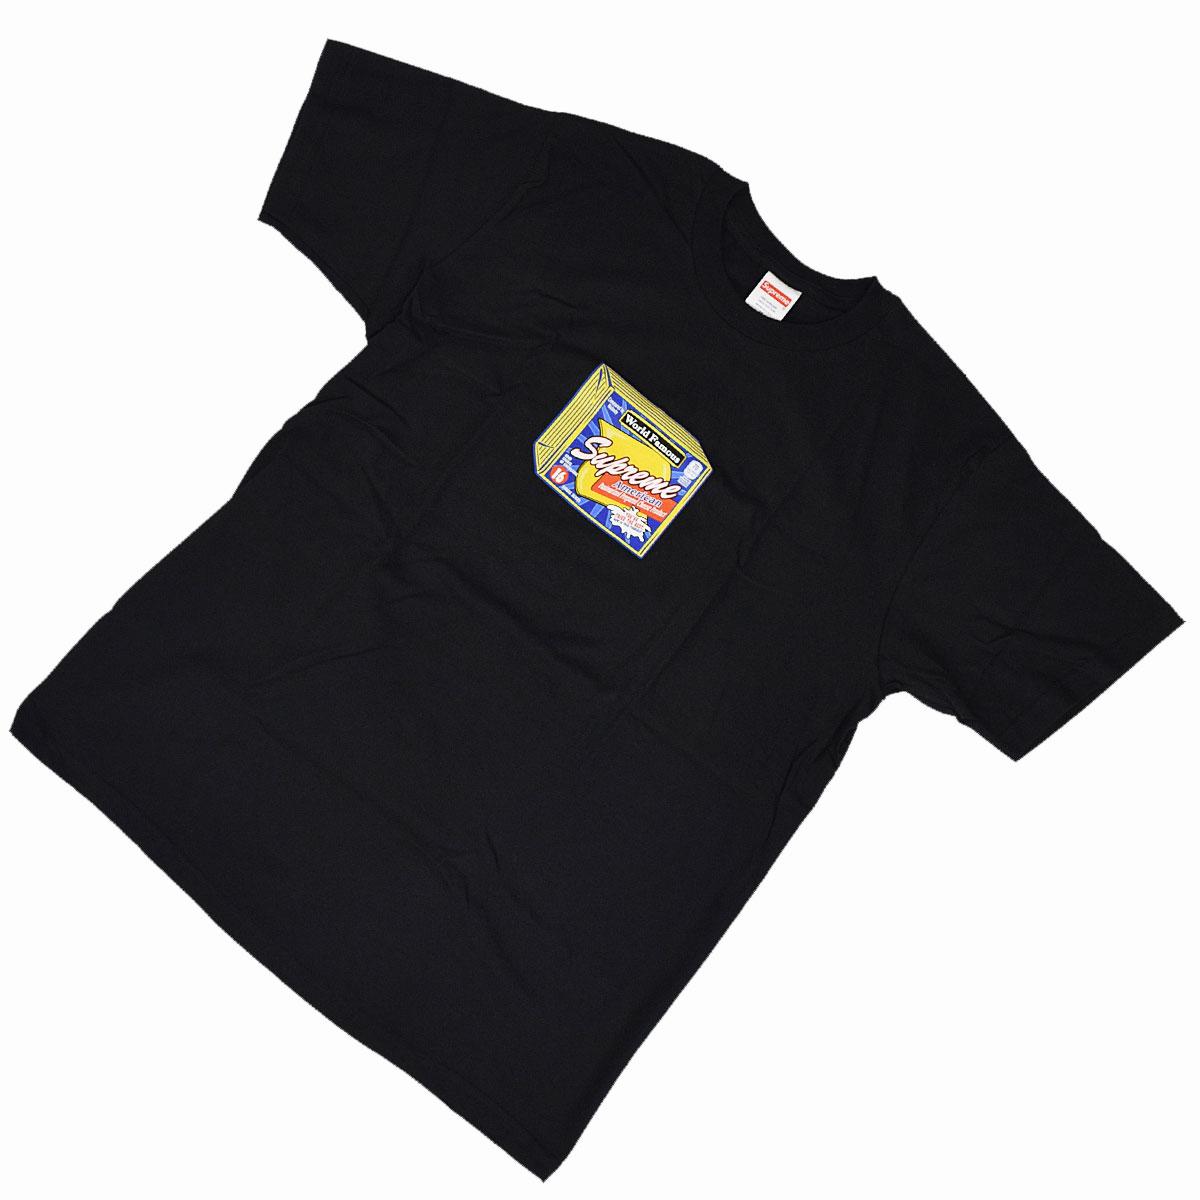 【新品】Supreme シュプリーム チーズ ティ ブラック M FW19T19【送料無料】【代引き手数料無料】Tシャツ 黒系 31821110